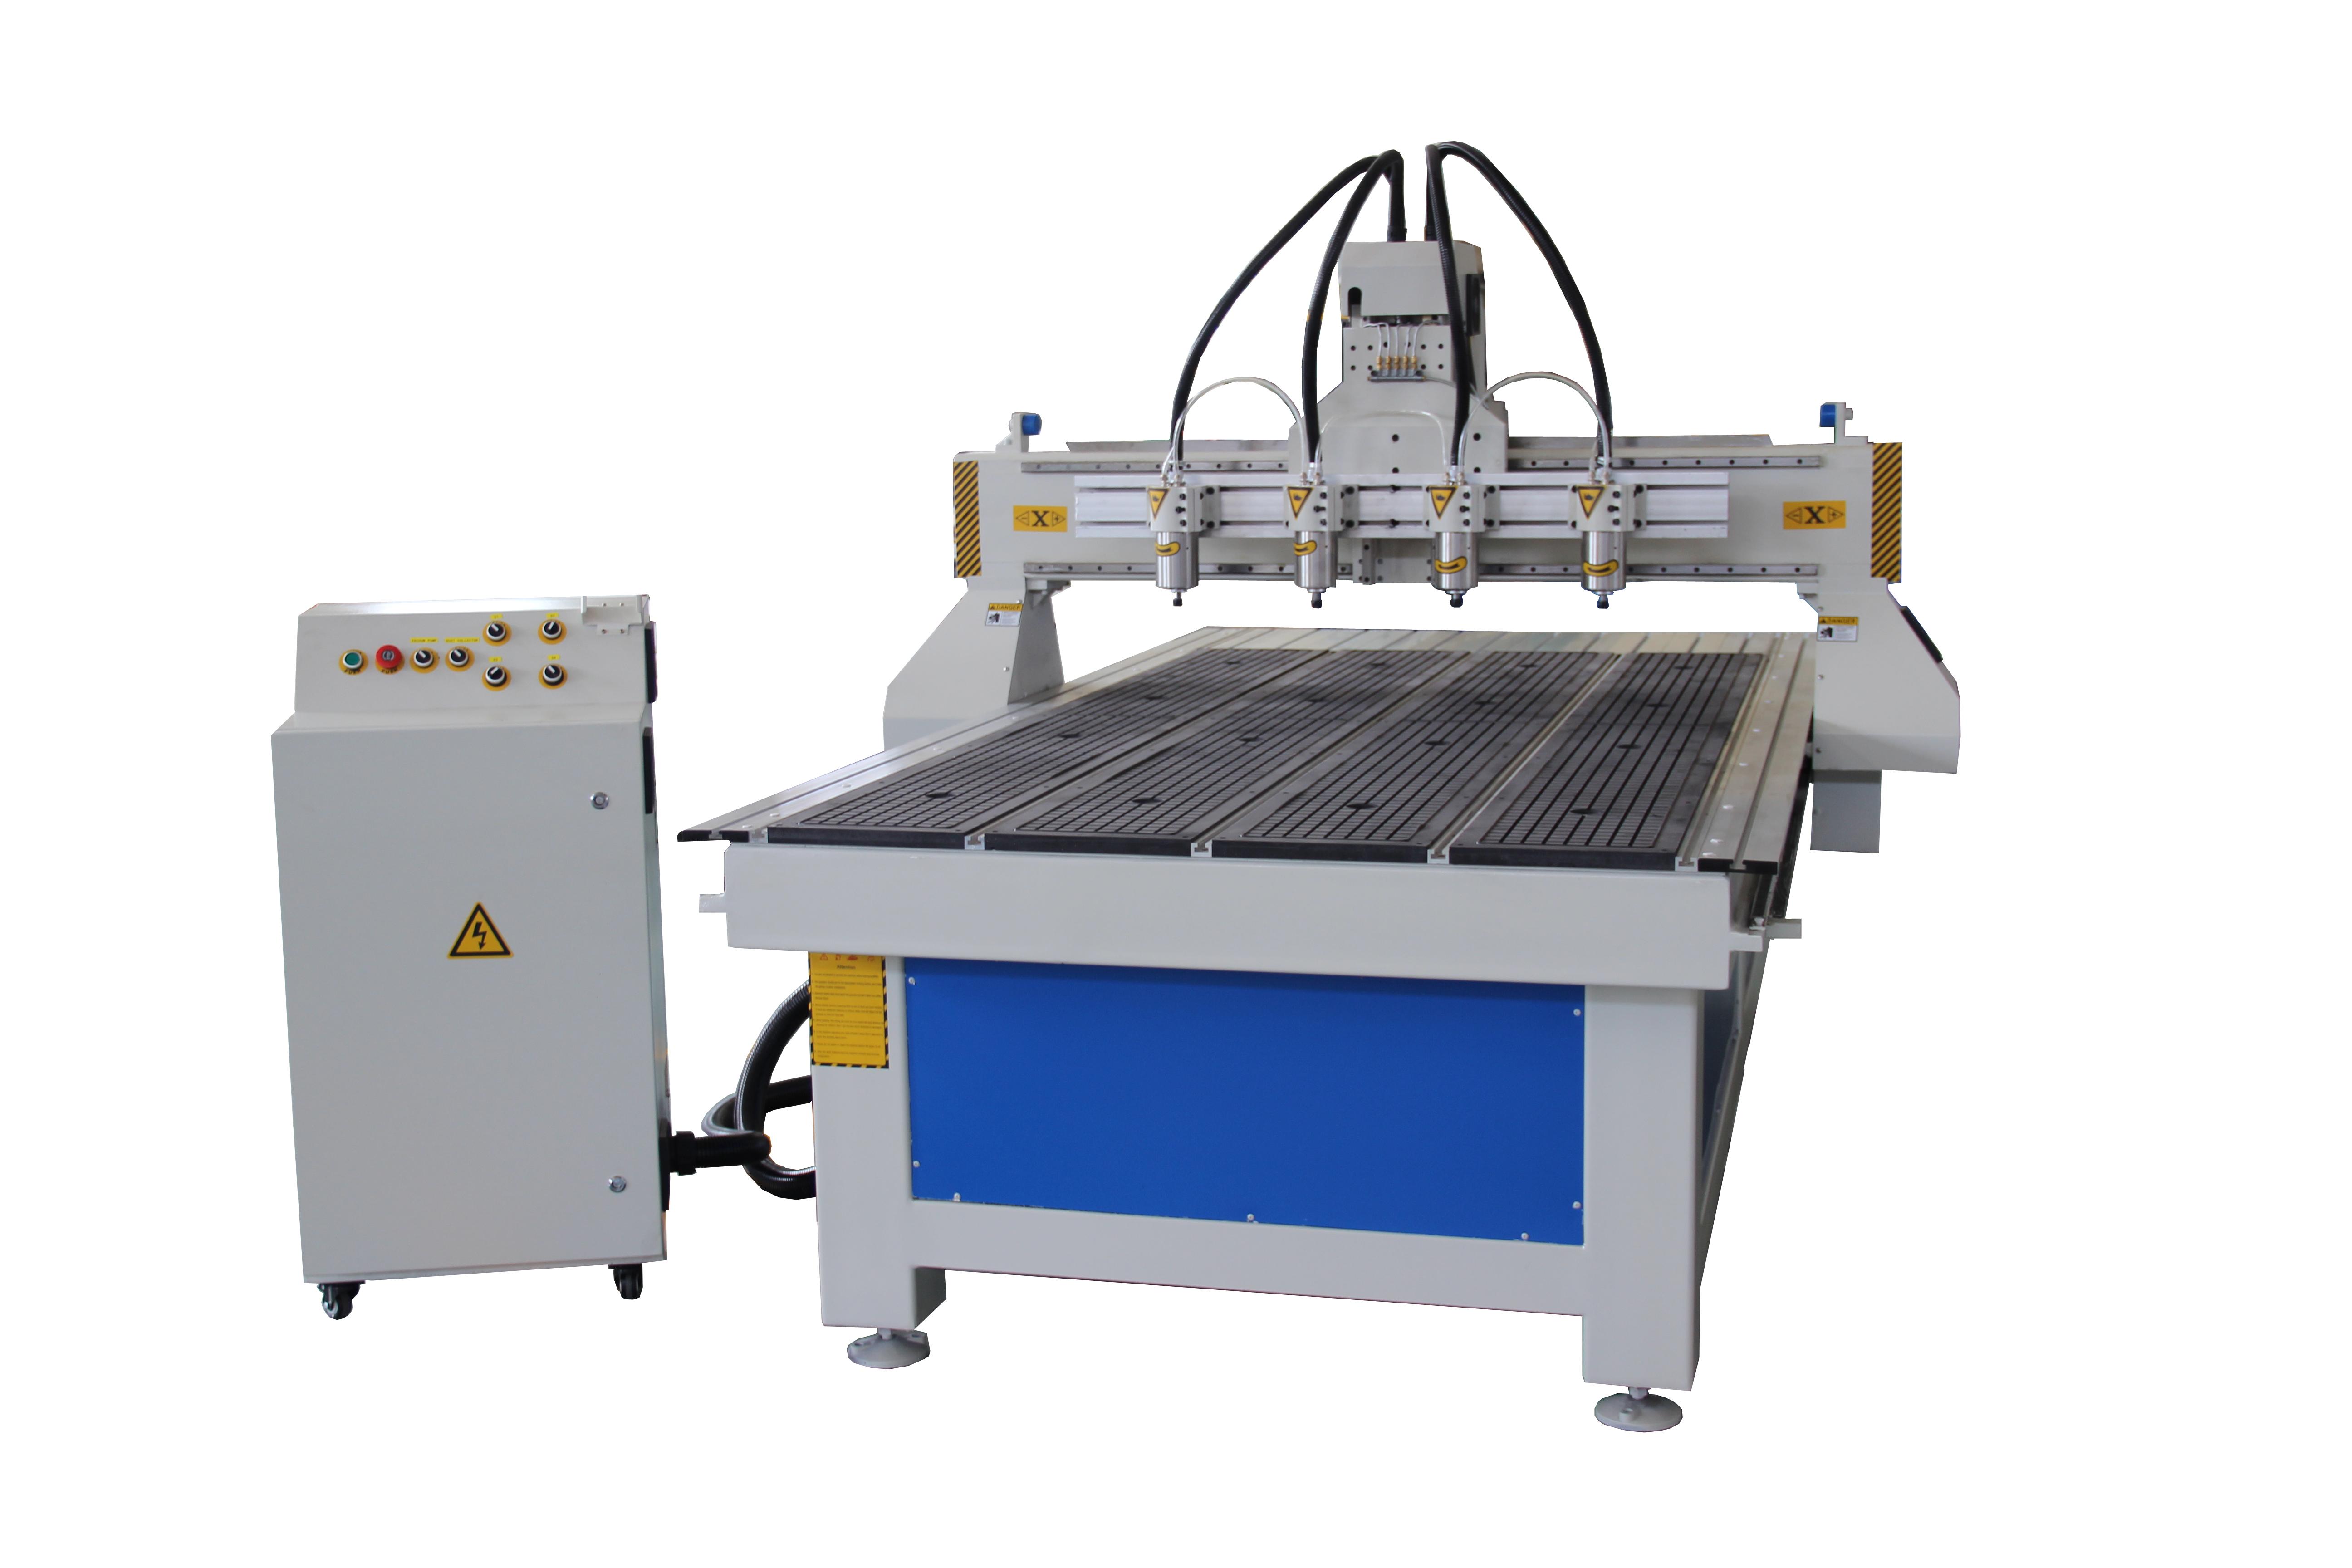 4 spindles machine